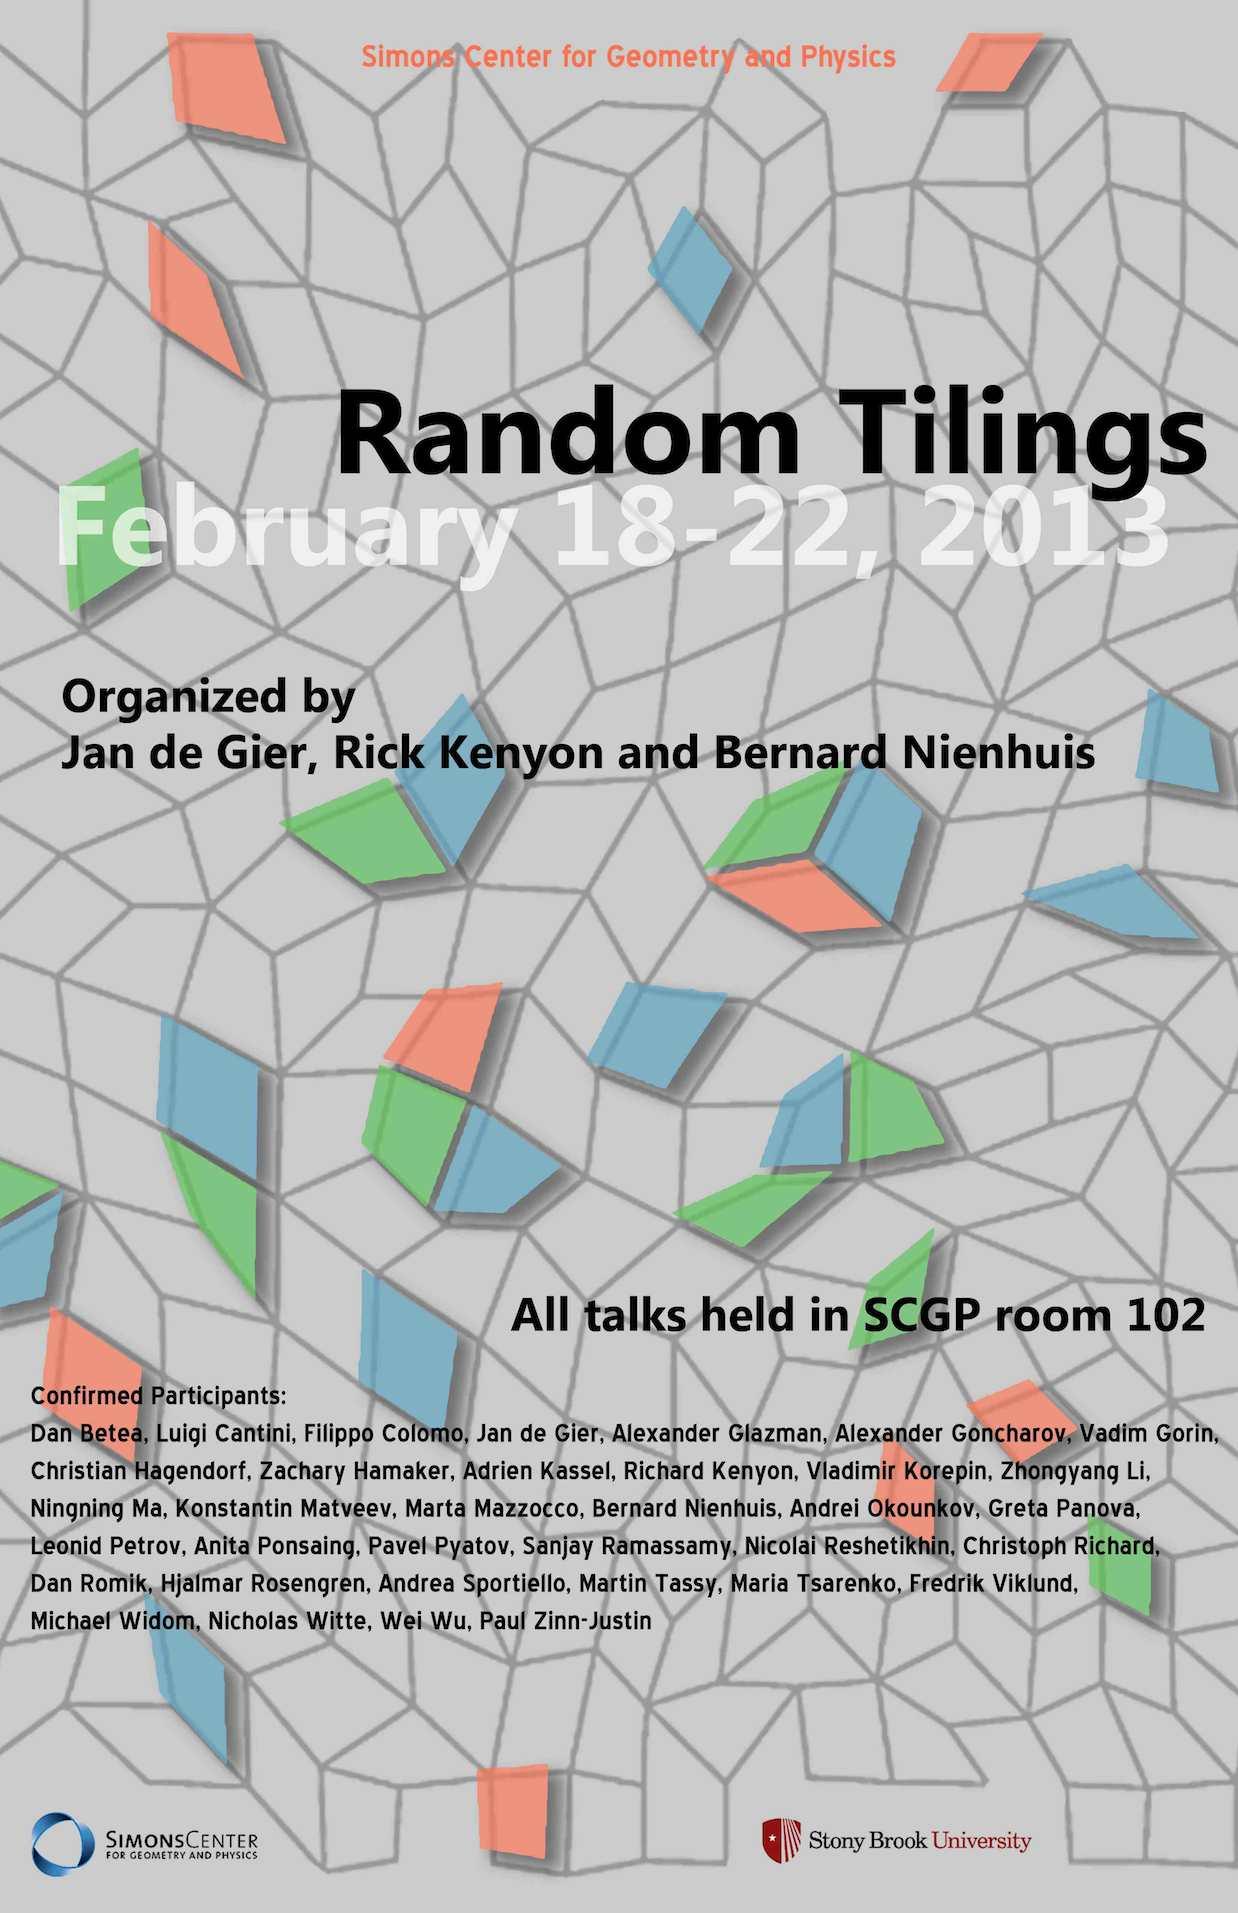 20130218-random-tilings-poster-web